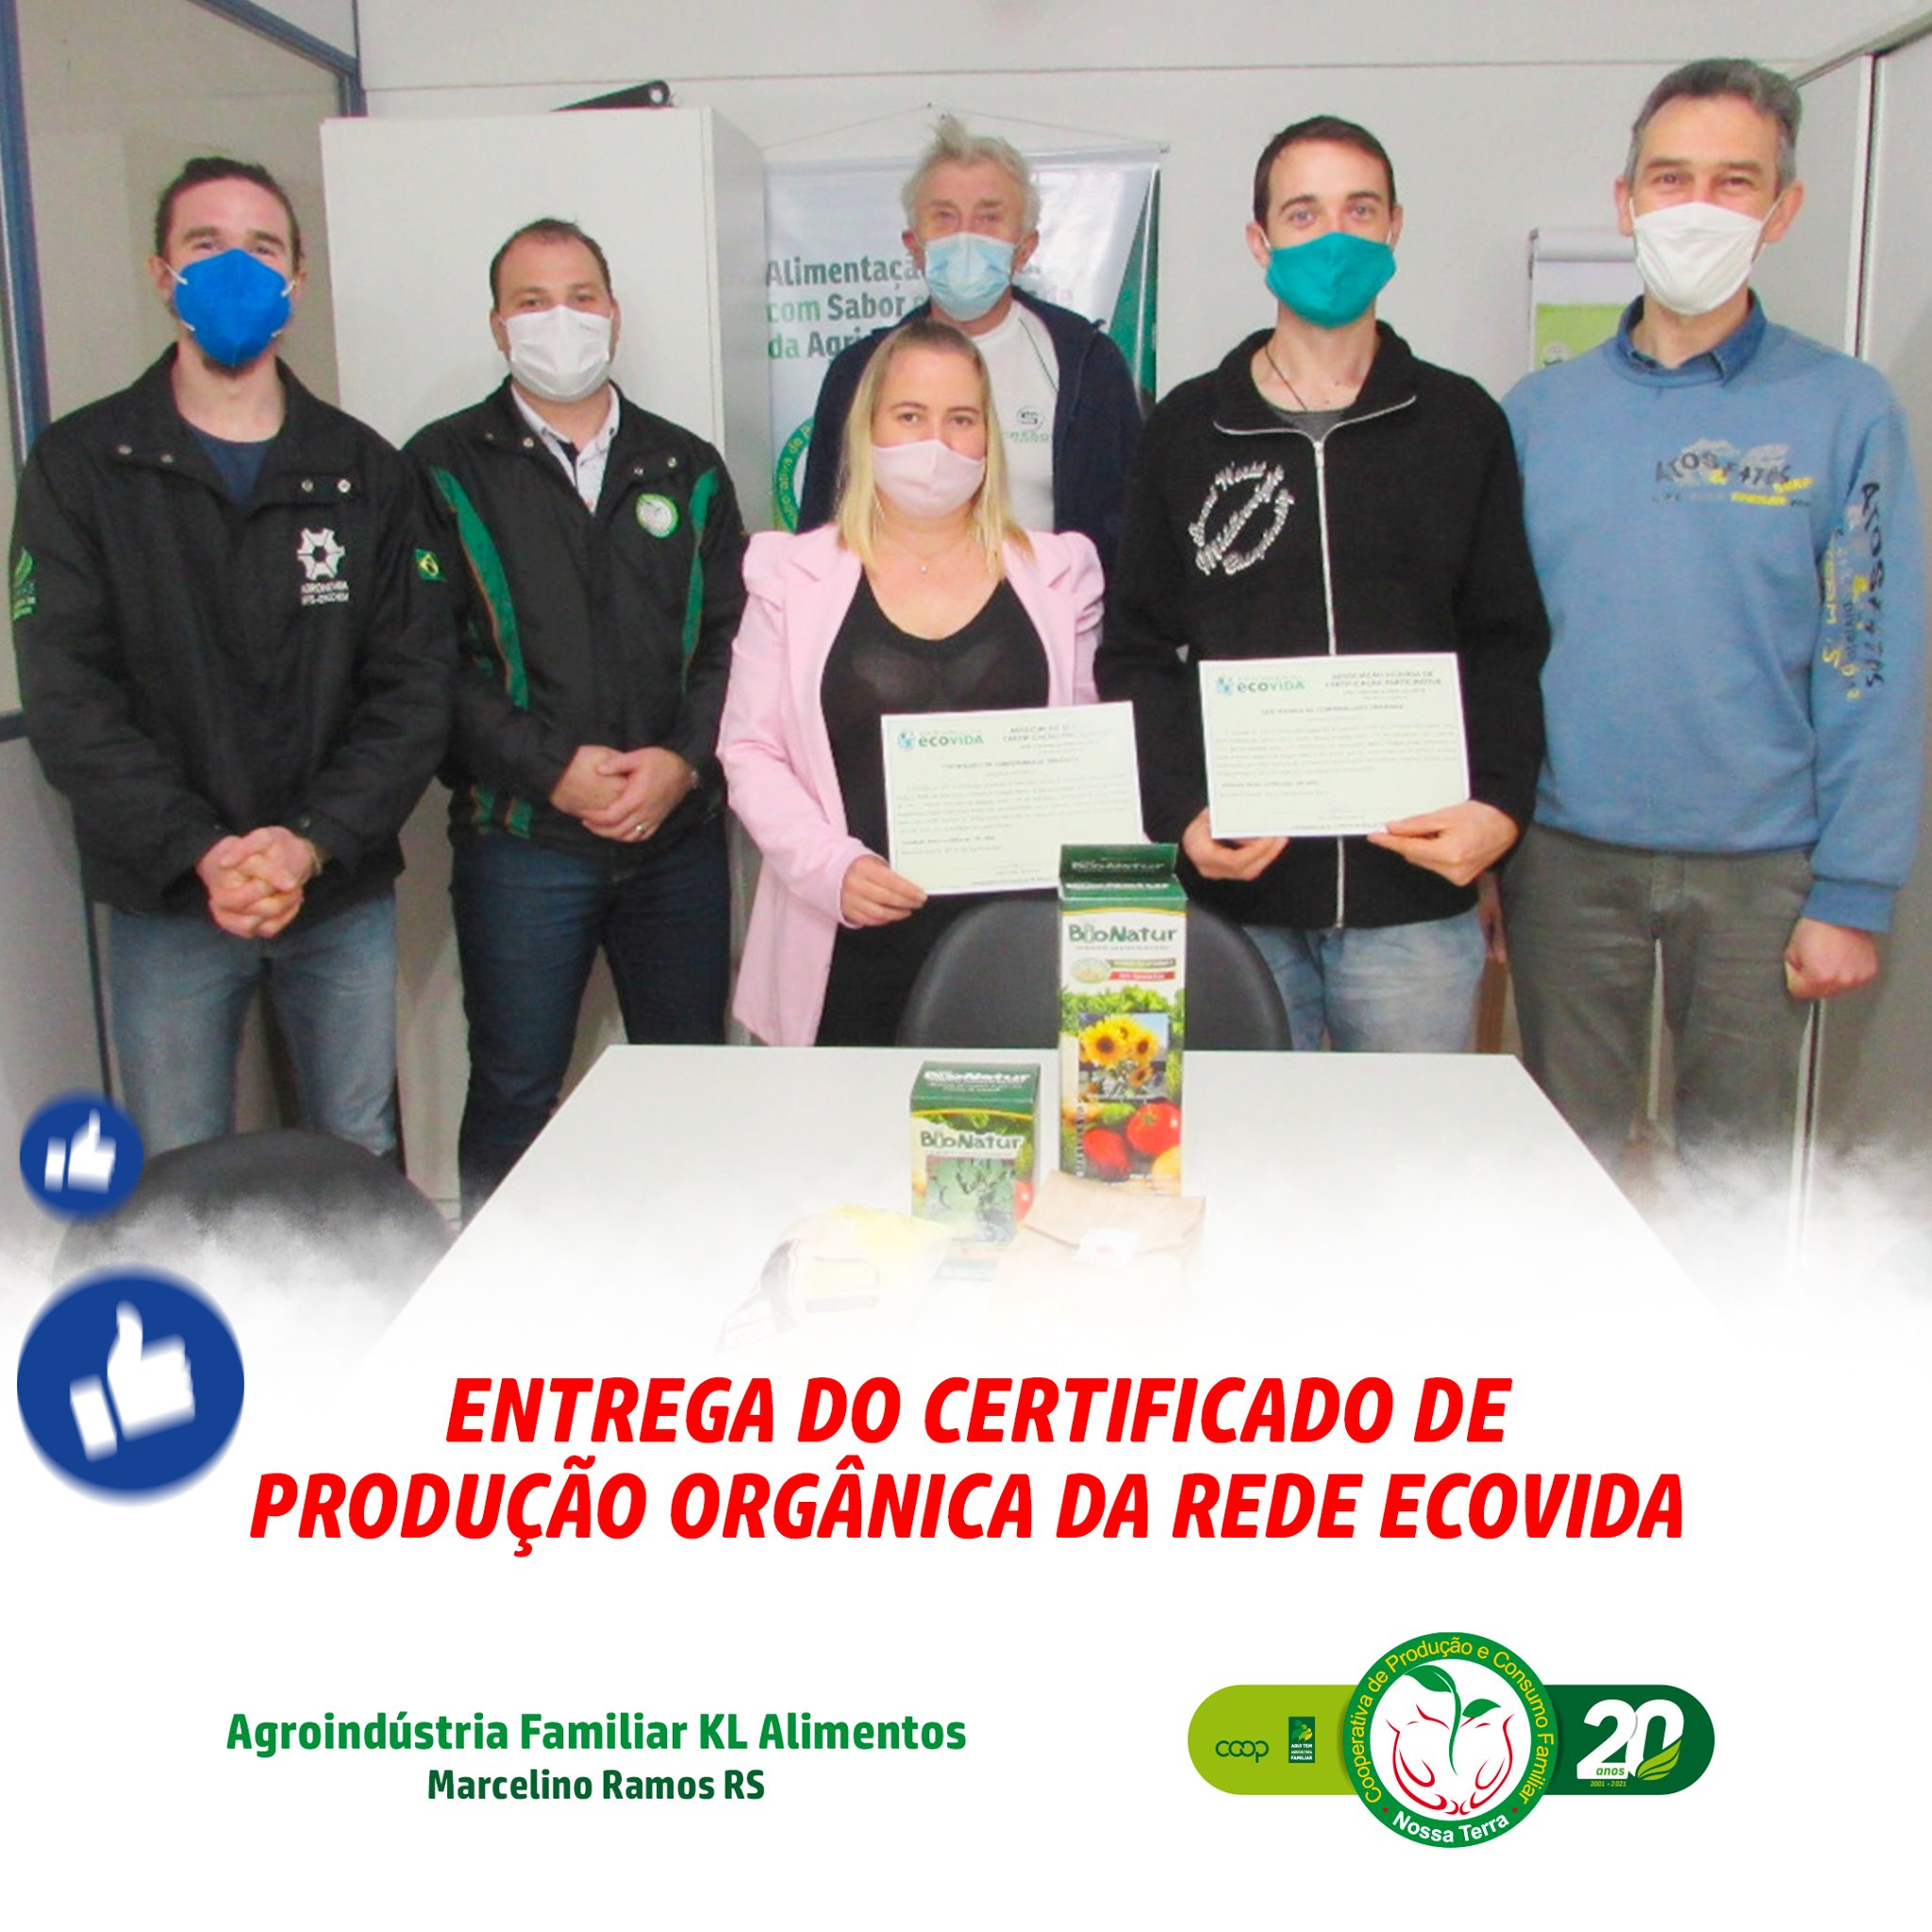 Ir para  <p><big>Com muito orgulho e alegria, fizemos a entrega oficial do valoroso Certificado de Produ&ccedil;&atilde;o Org&acirc;nica da Rede EcoVida, conquistado pela Agroind&uacute;stria Familiar KL Alimentos, da...